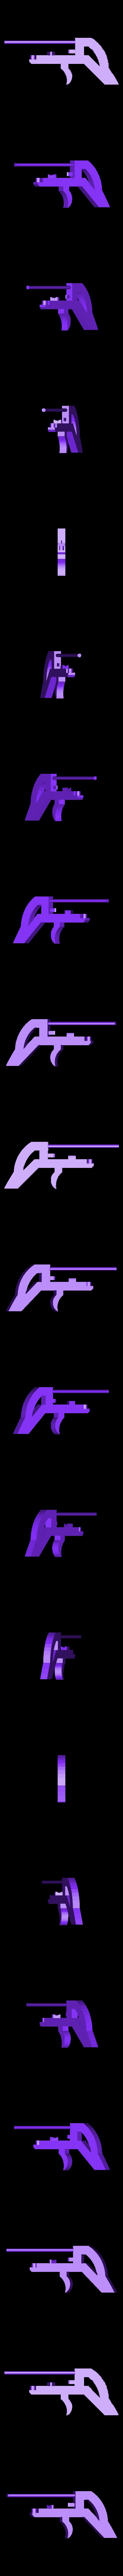 Trigger.stl Download STL file Revolver Partysan v.2 22lr or 22 short • 3D printer object, Kraken1983